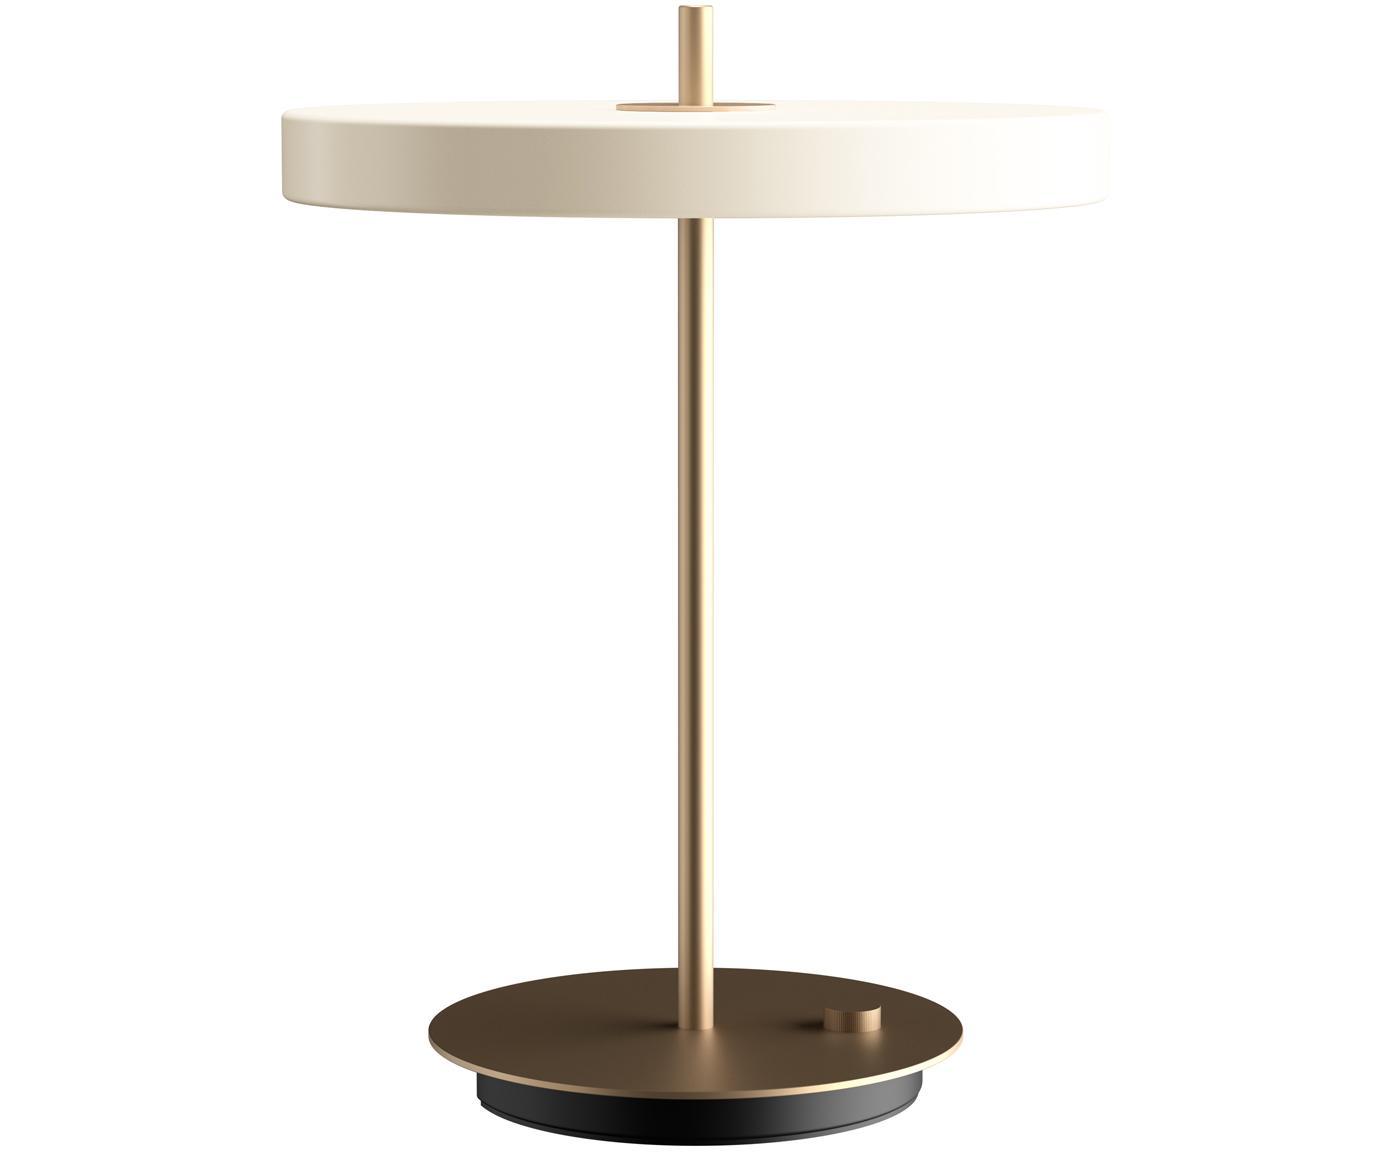 Lampada da tavolo a LED dimmerabile Asteria, Paralume: alluminio verniciato, Base della lampada: acciaio verniciato, Bianco crema, dorato, Ø 31 x Alt. 42 cm